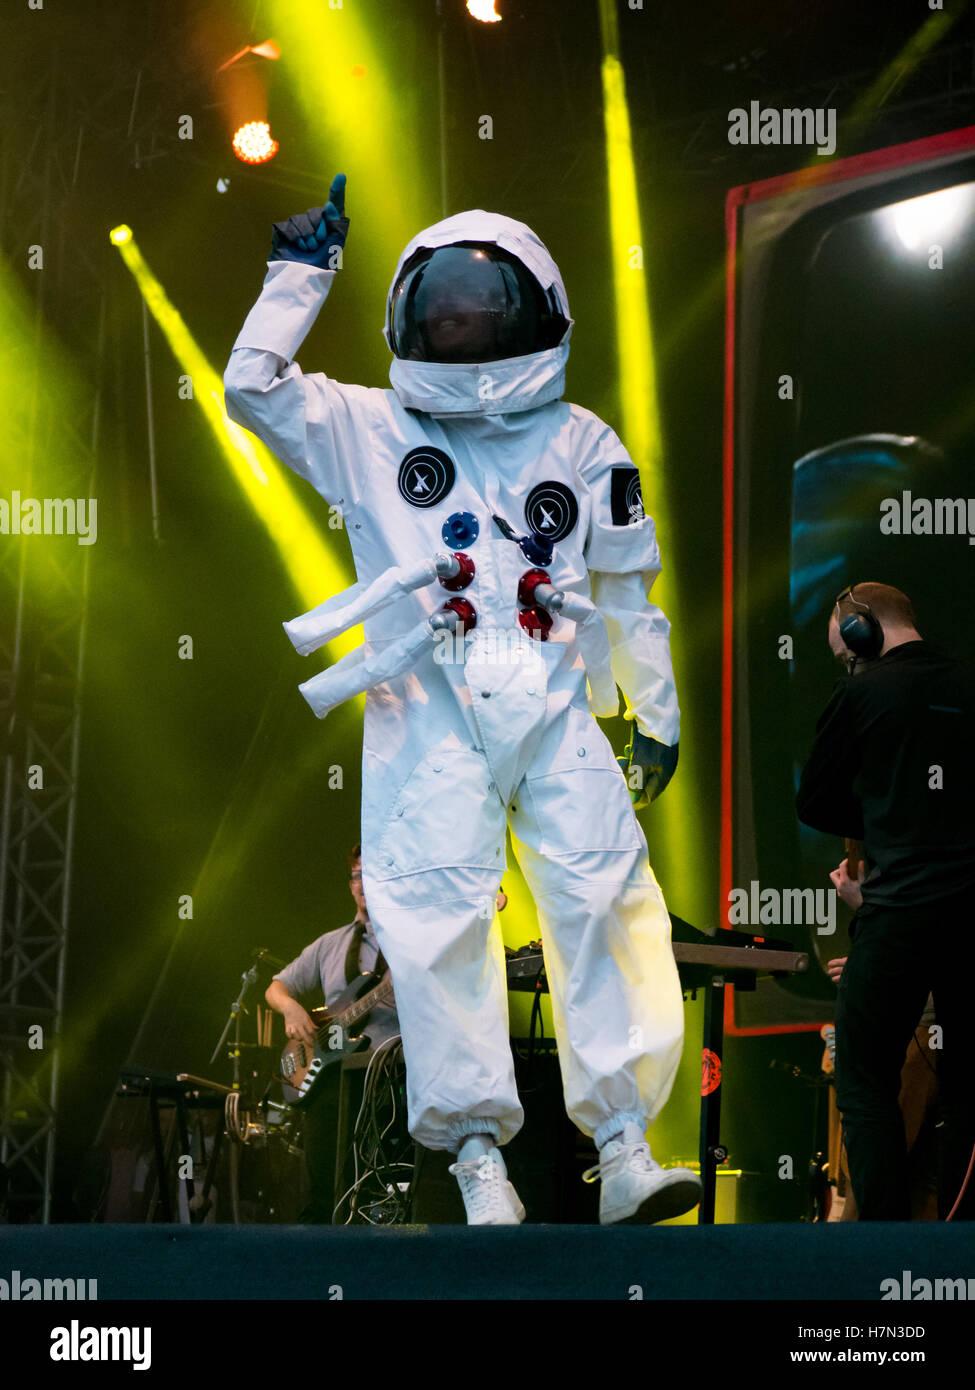 Ein Raumfahrer Spaziergänge auf der Bühne beim öffentlich-rechtlichen Rundfunk live-Set auf dem siegreichen Stockbild